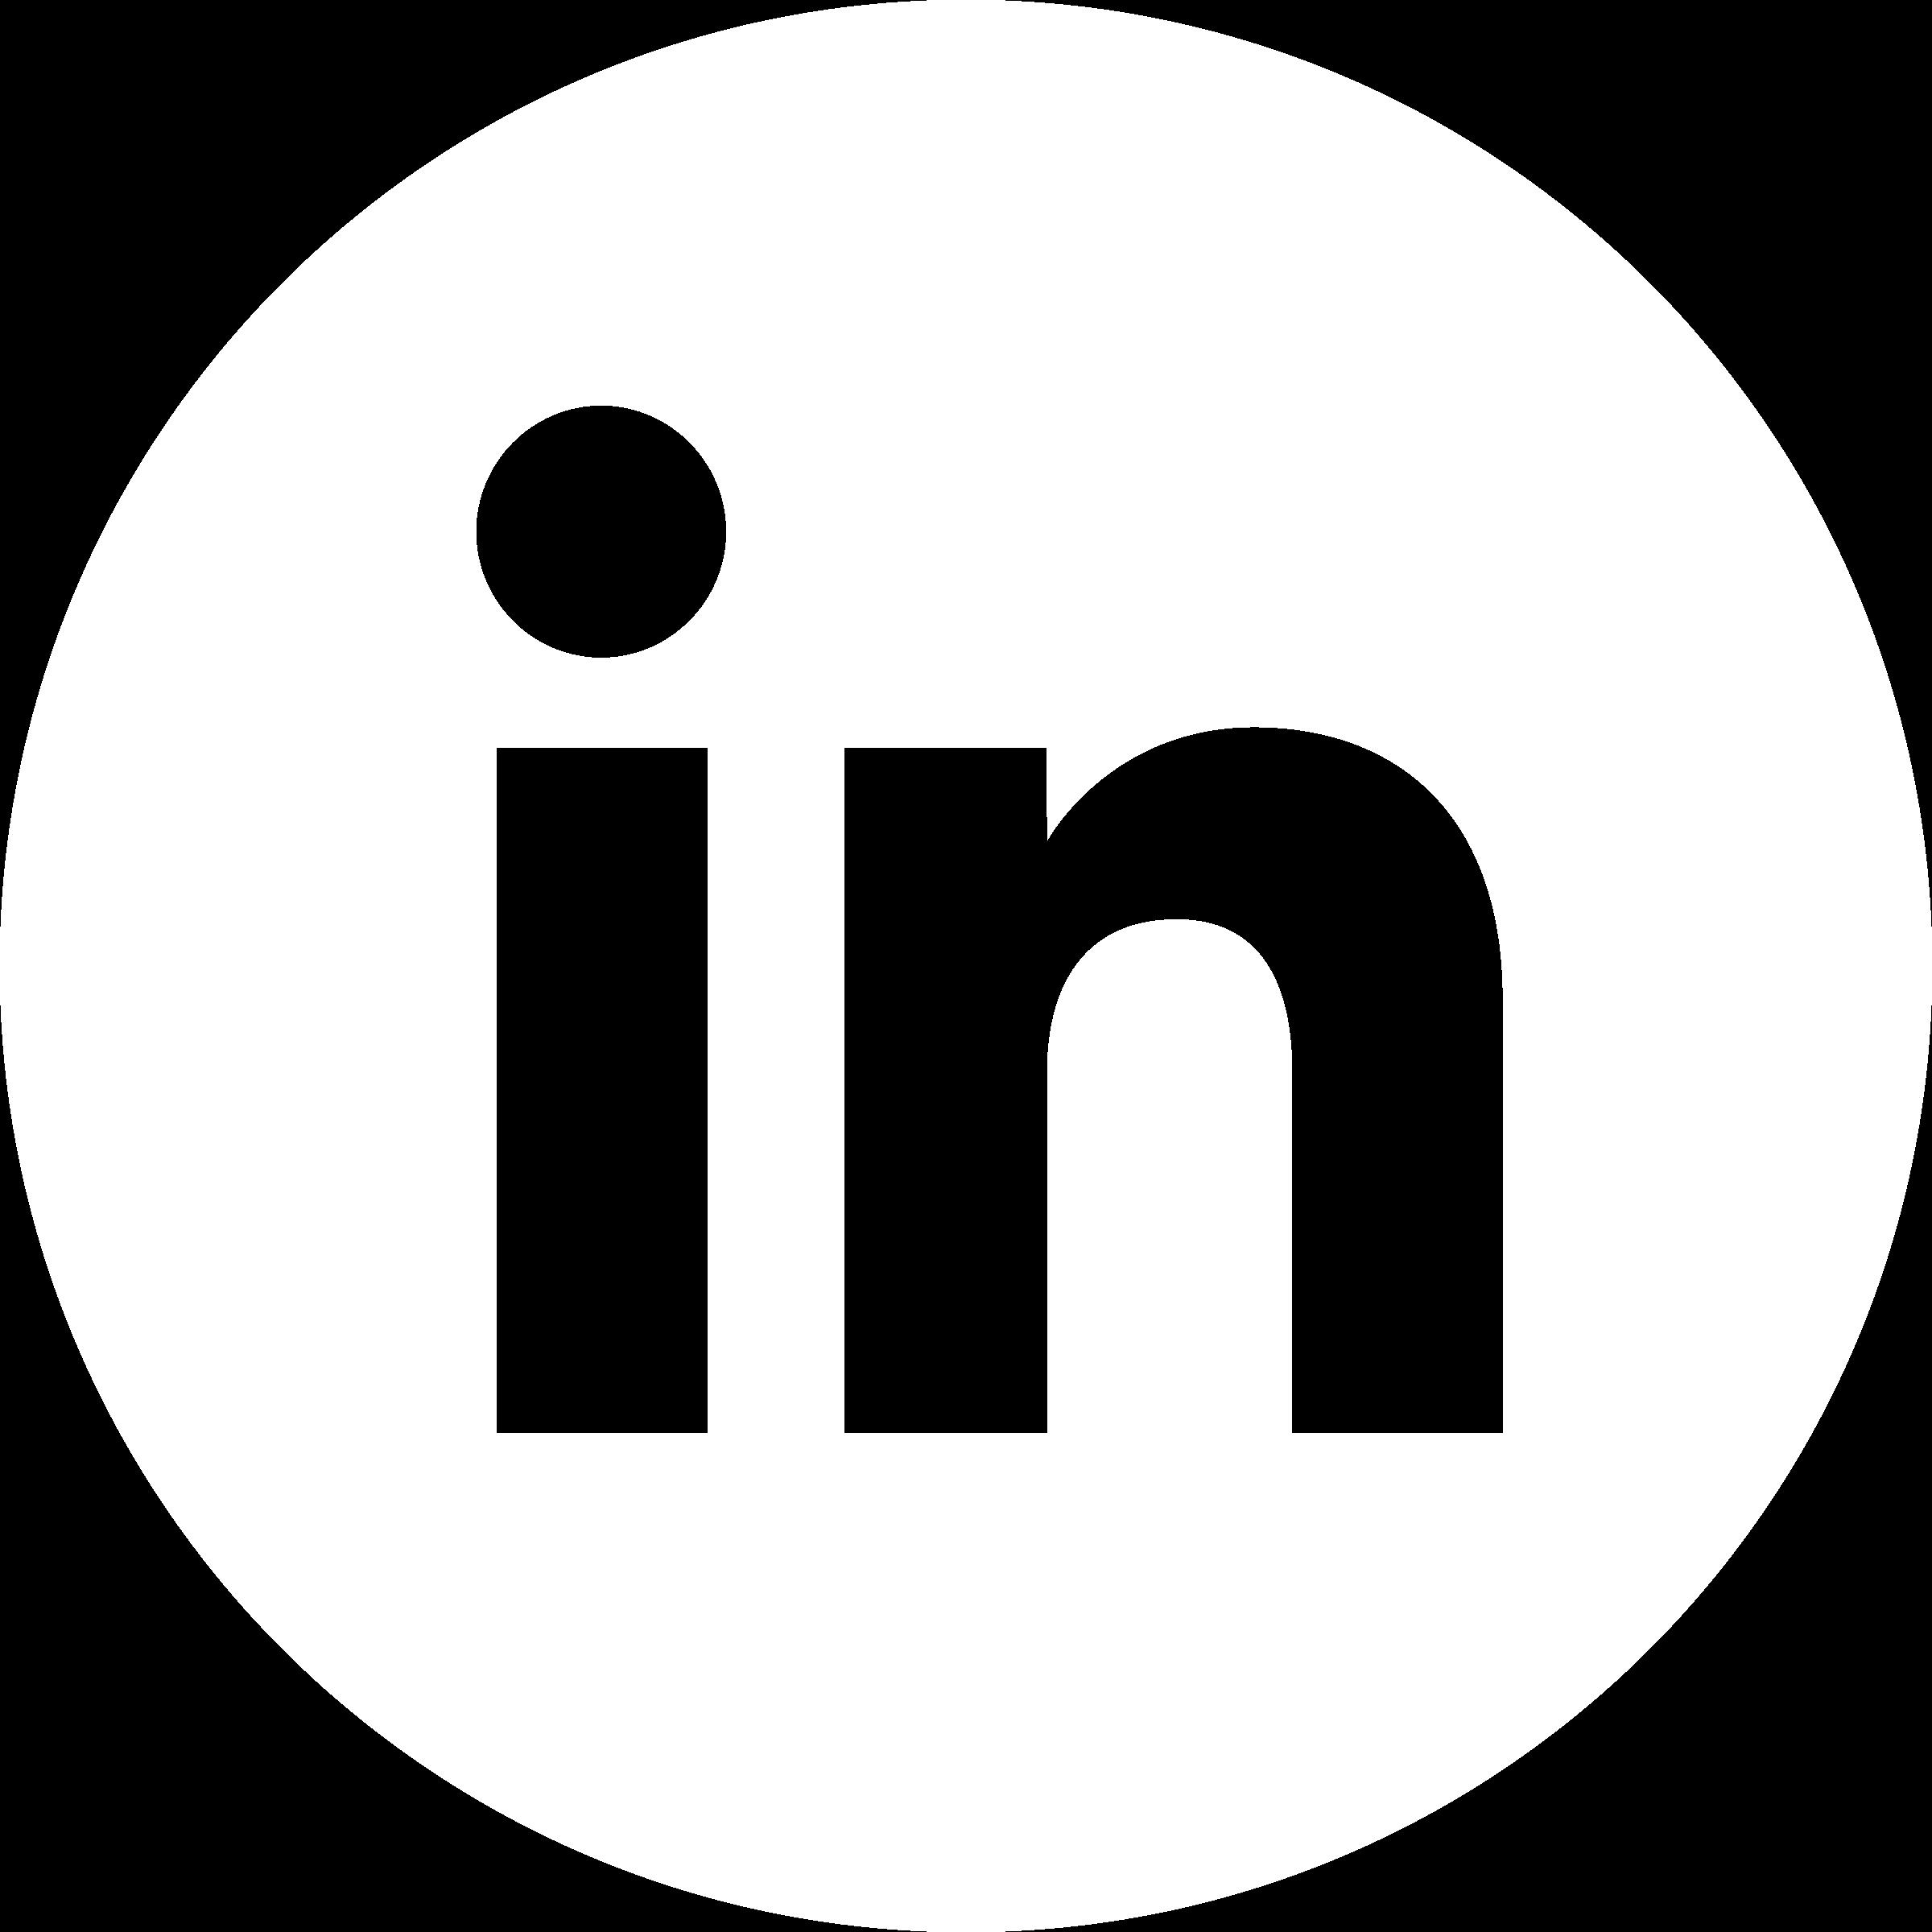 linkedin-round-logo